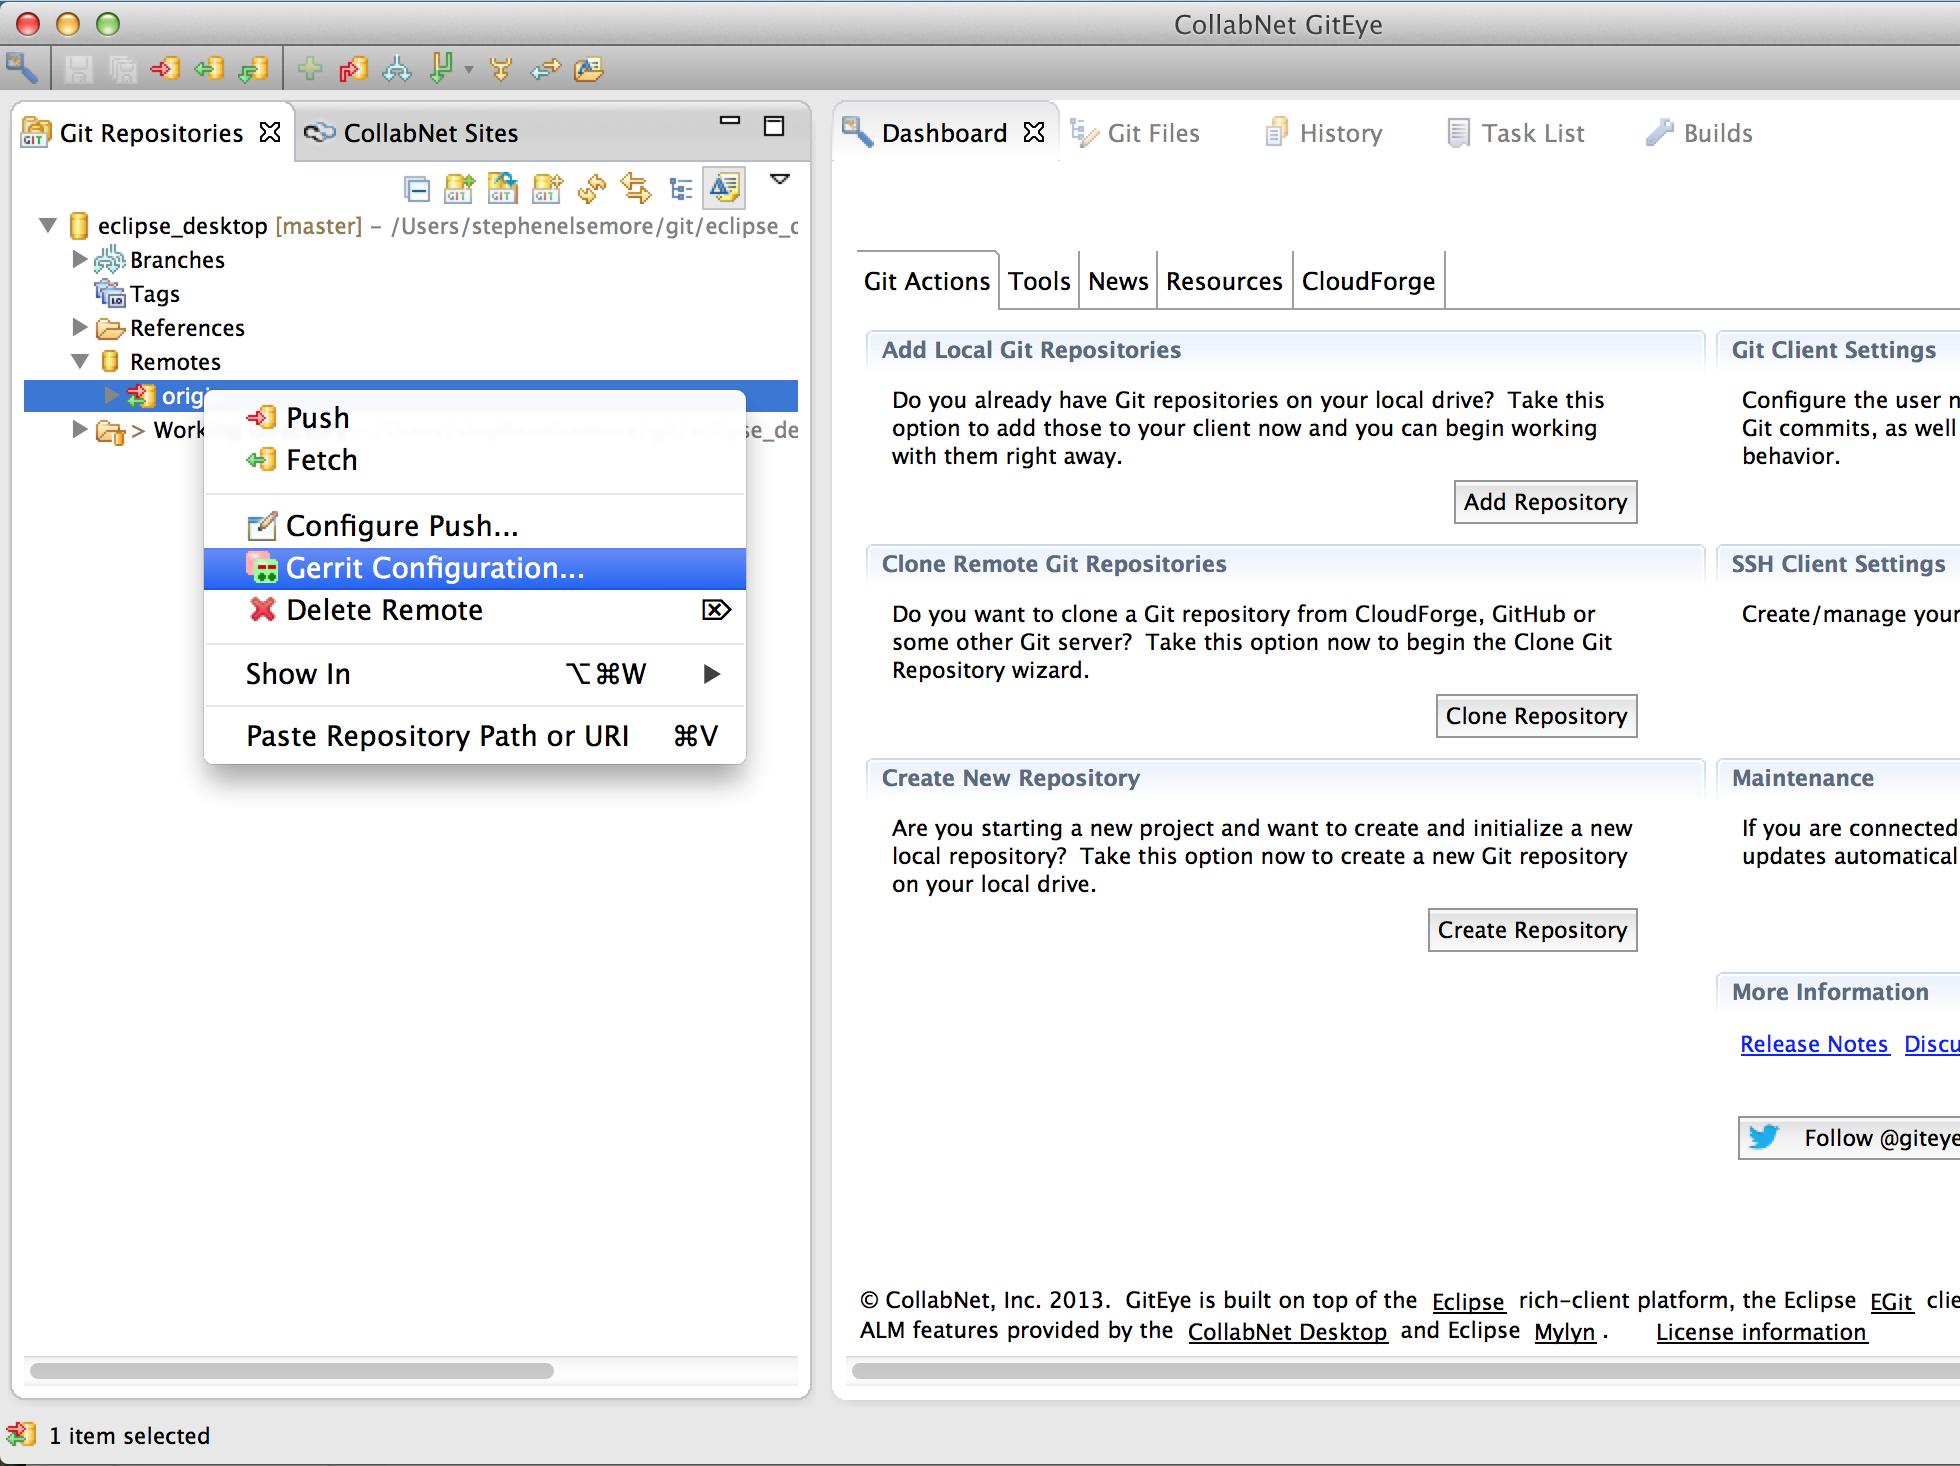 gerrit_config_menu_option.png